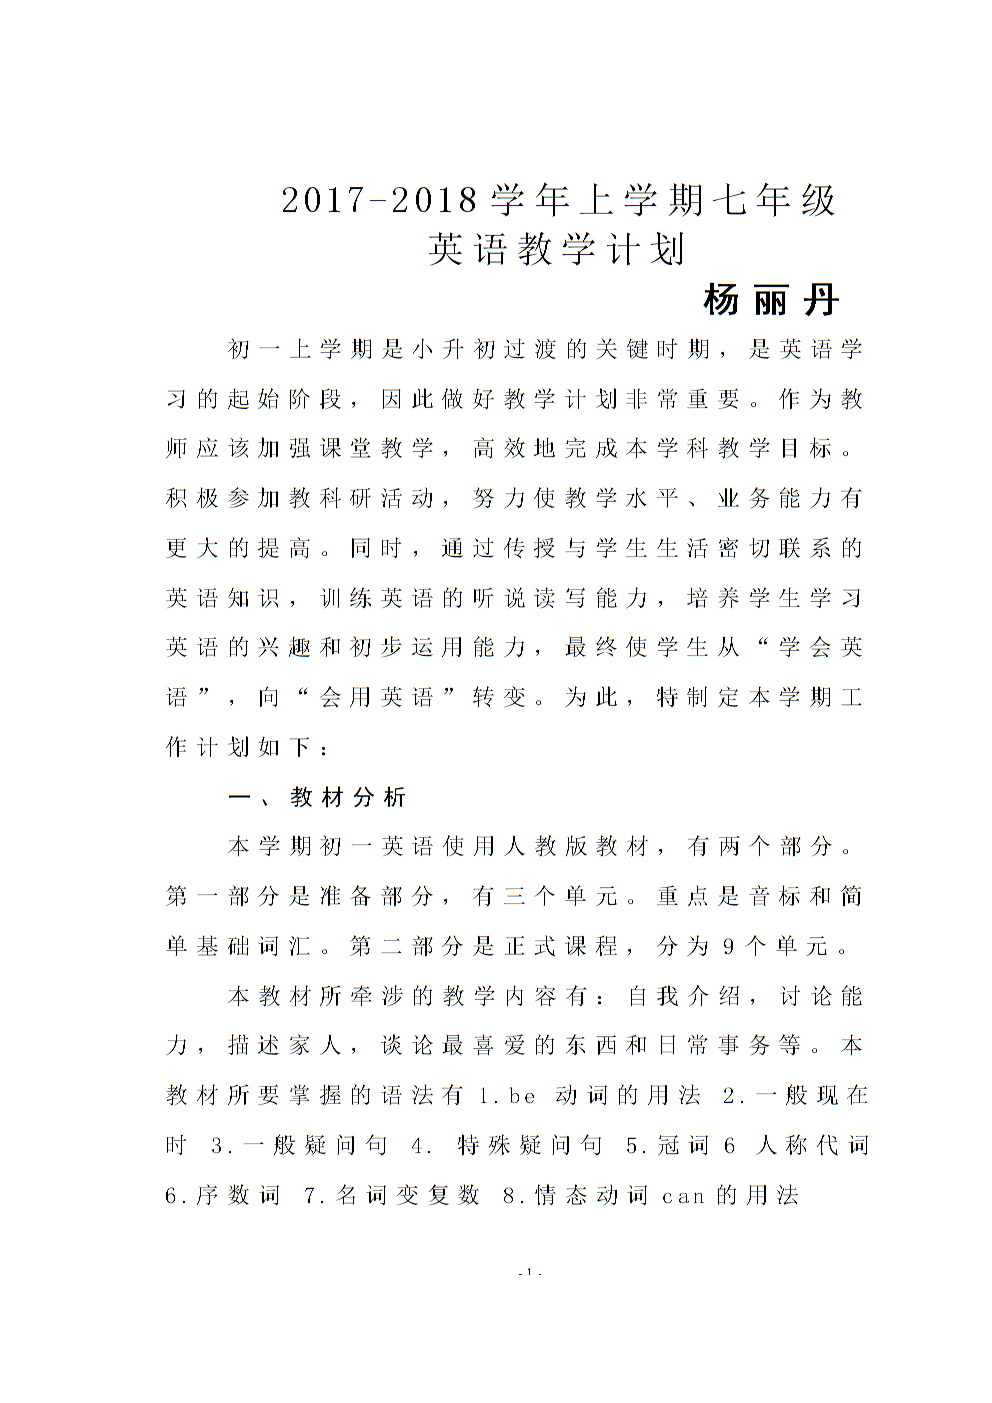 七年级上学期教学复习总结.doc